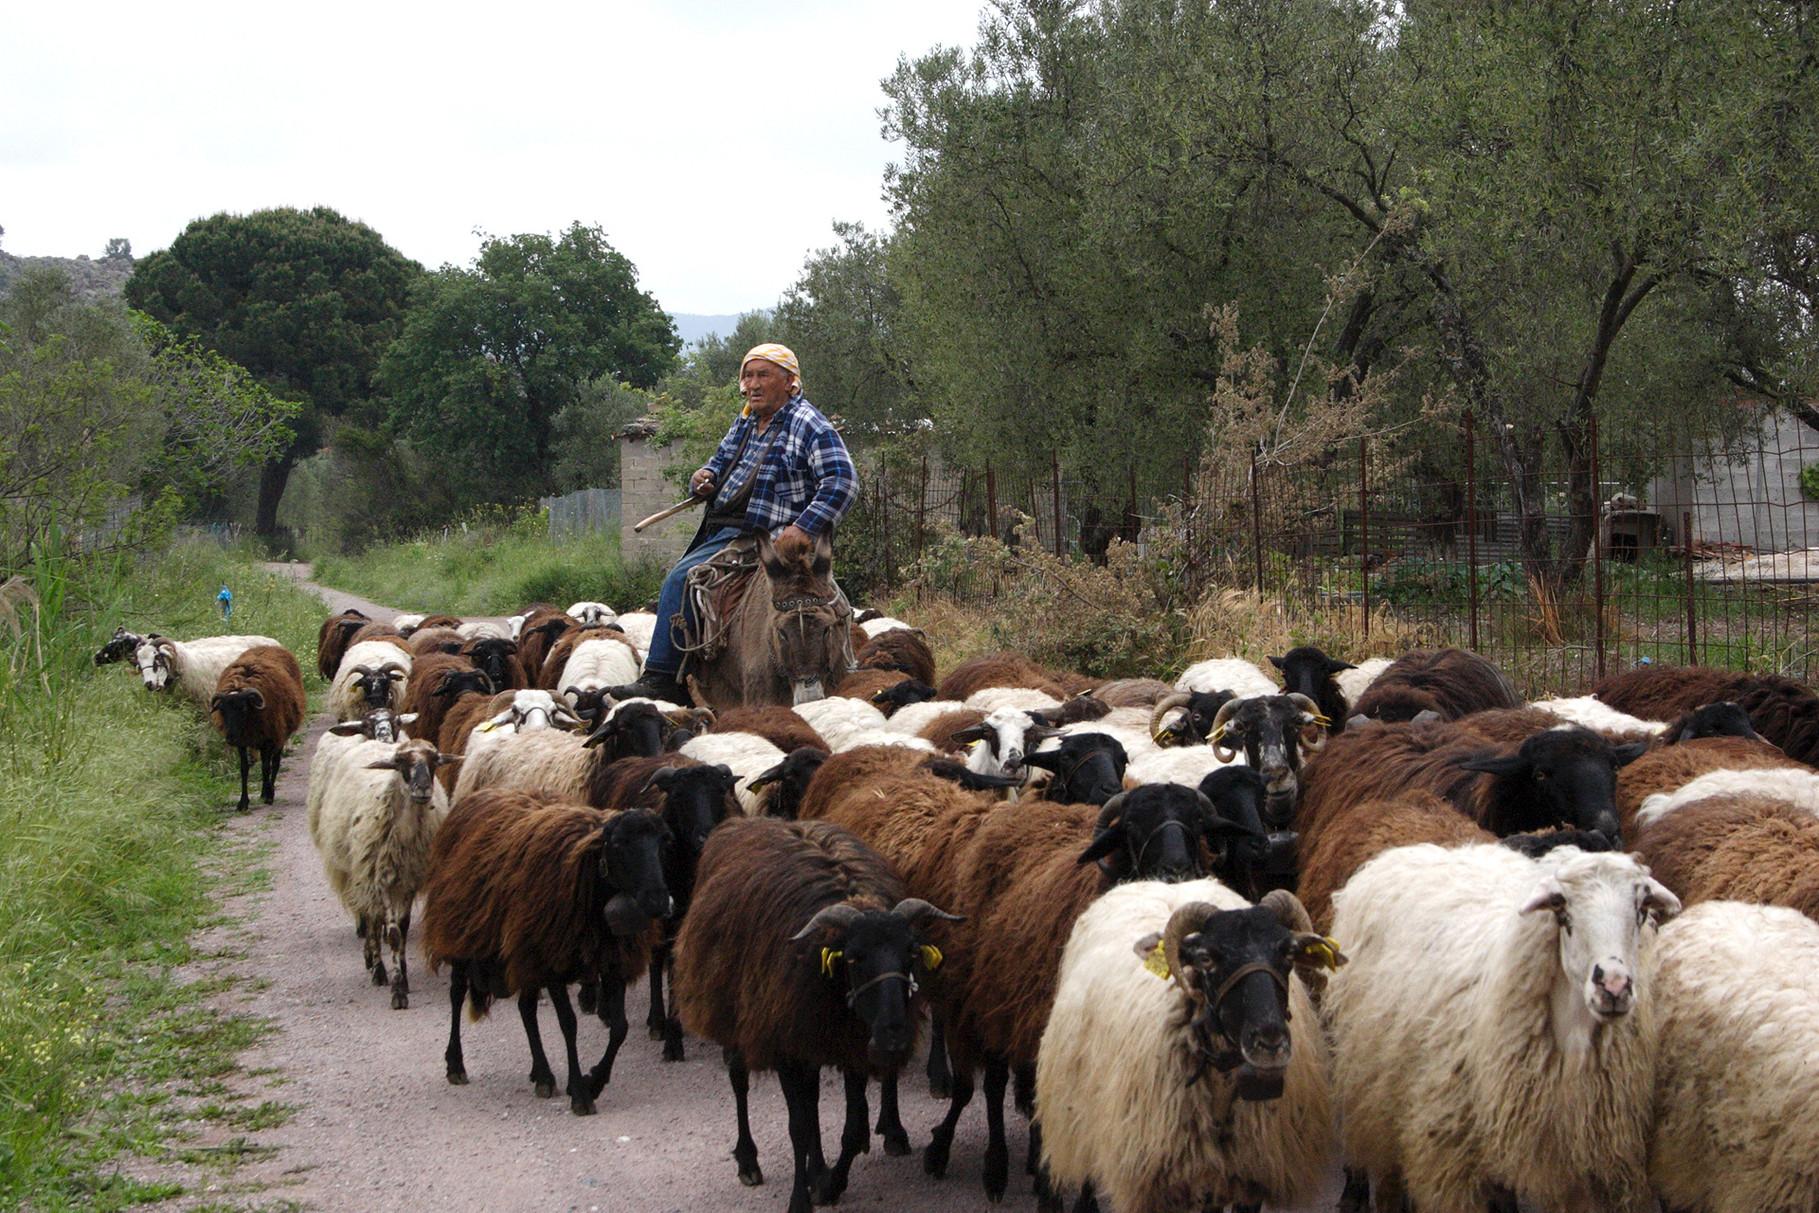 Griechenland pur: ein Hirte auf einem Esel treibt seine Schafe auf die Weide